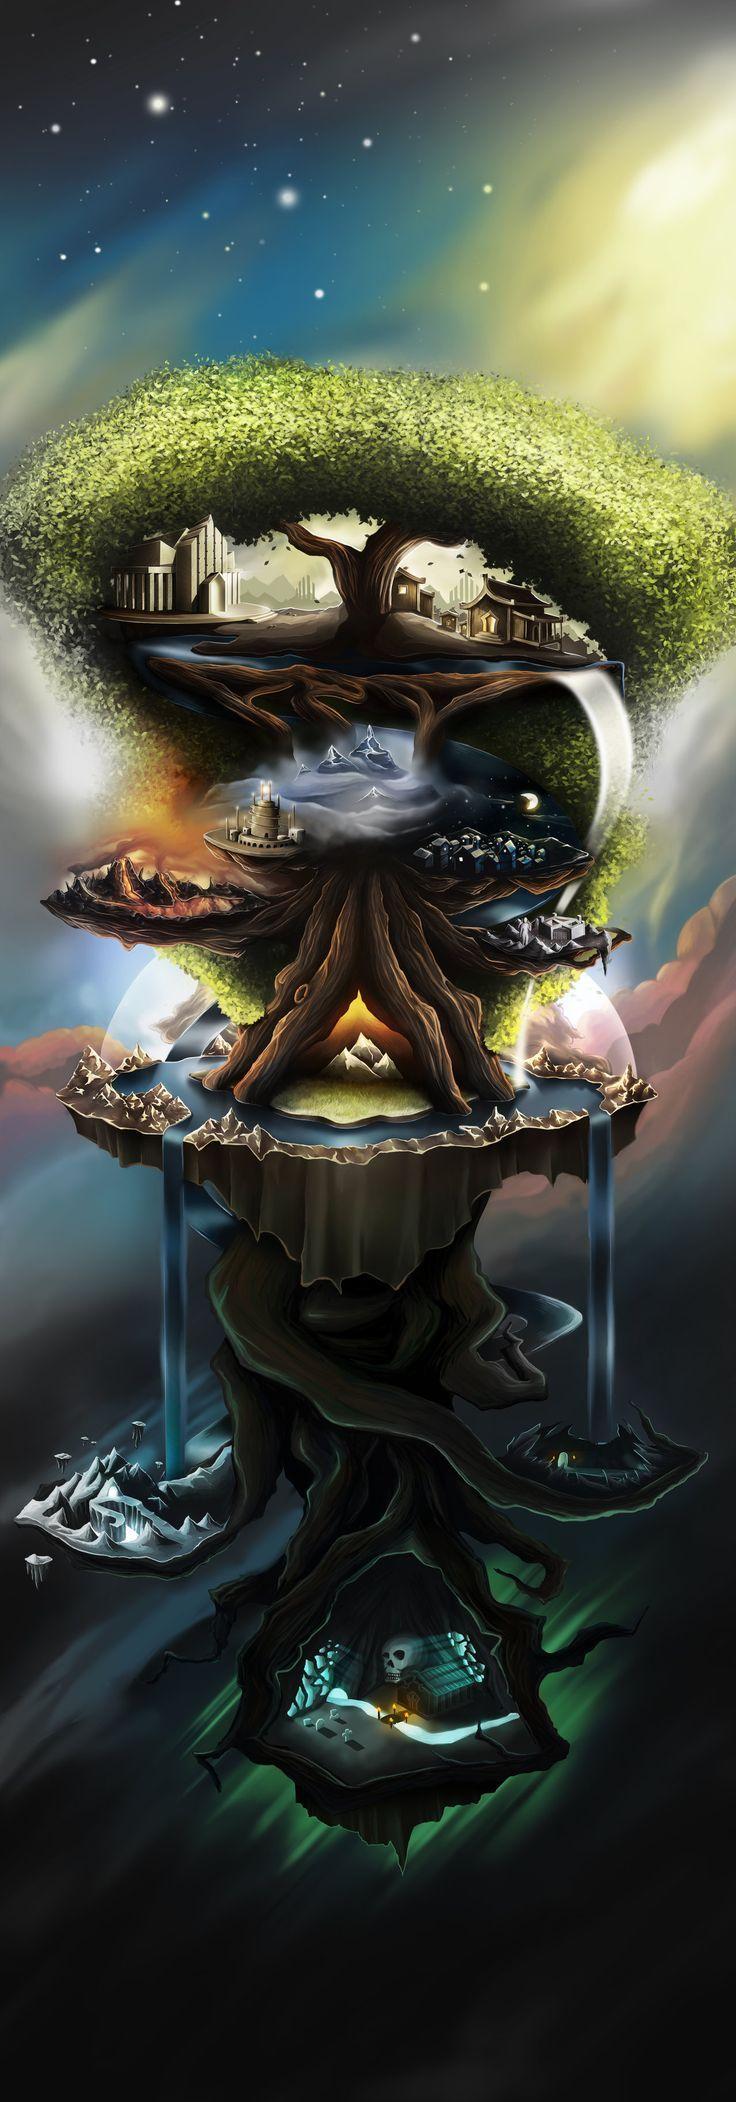 901c4634e79308a3470d8780b3d63c48--asatru-norse-mythology.jpg (736×2102)